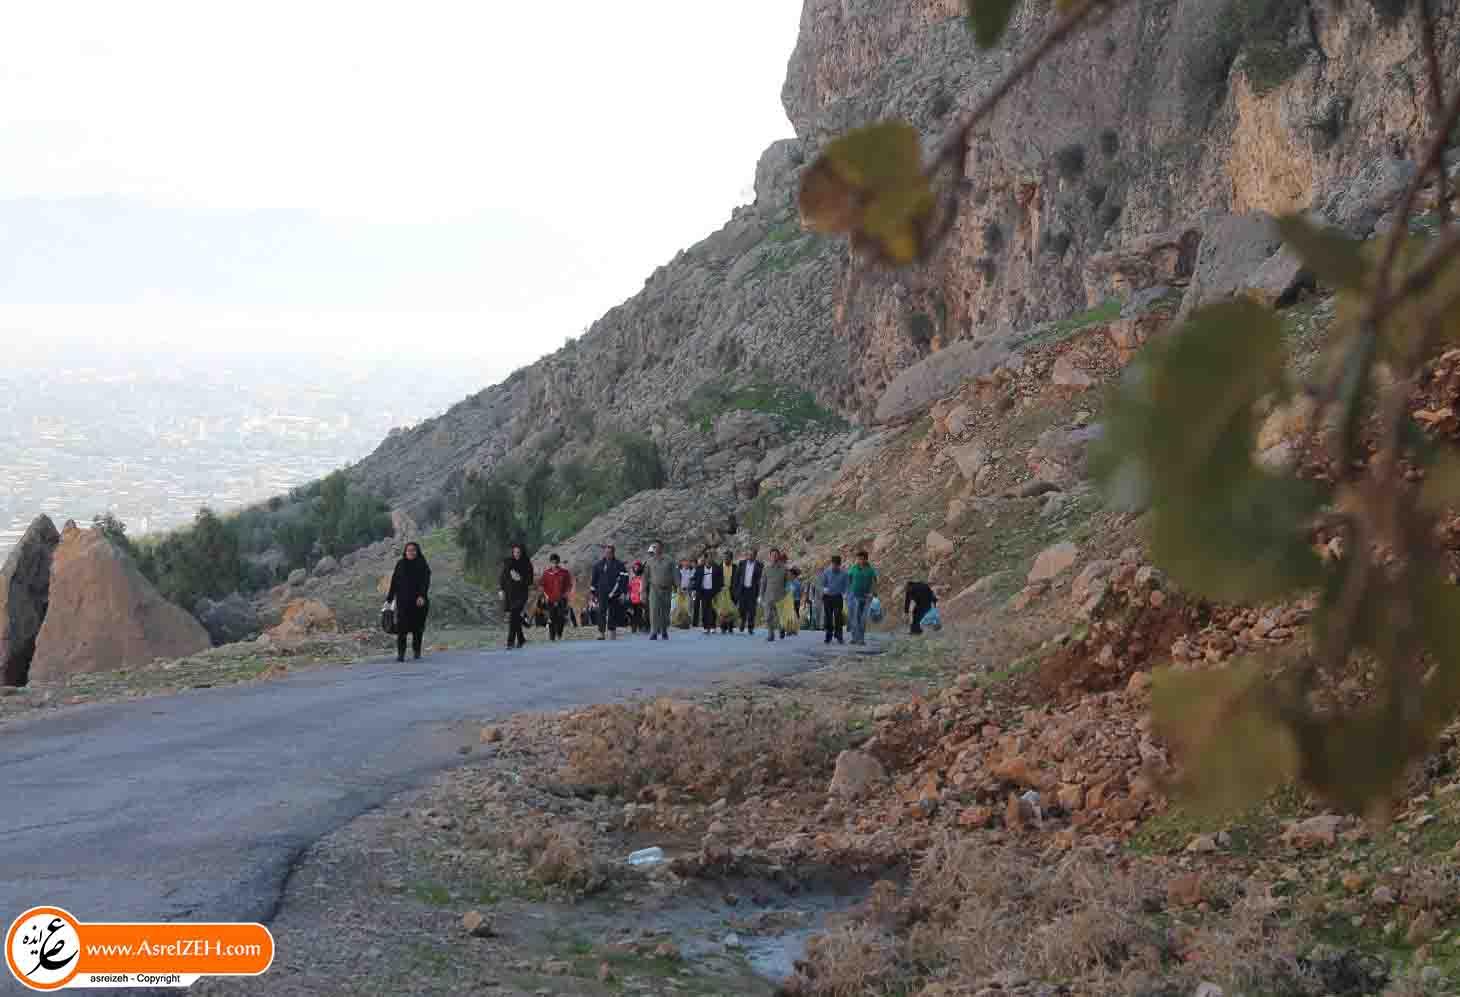 گزارش تصویری/ همایش کوهپیمایی عمومی در منطقه الهک ایذه